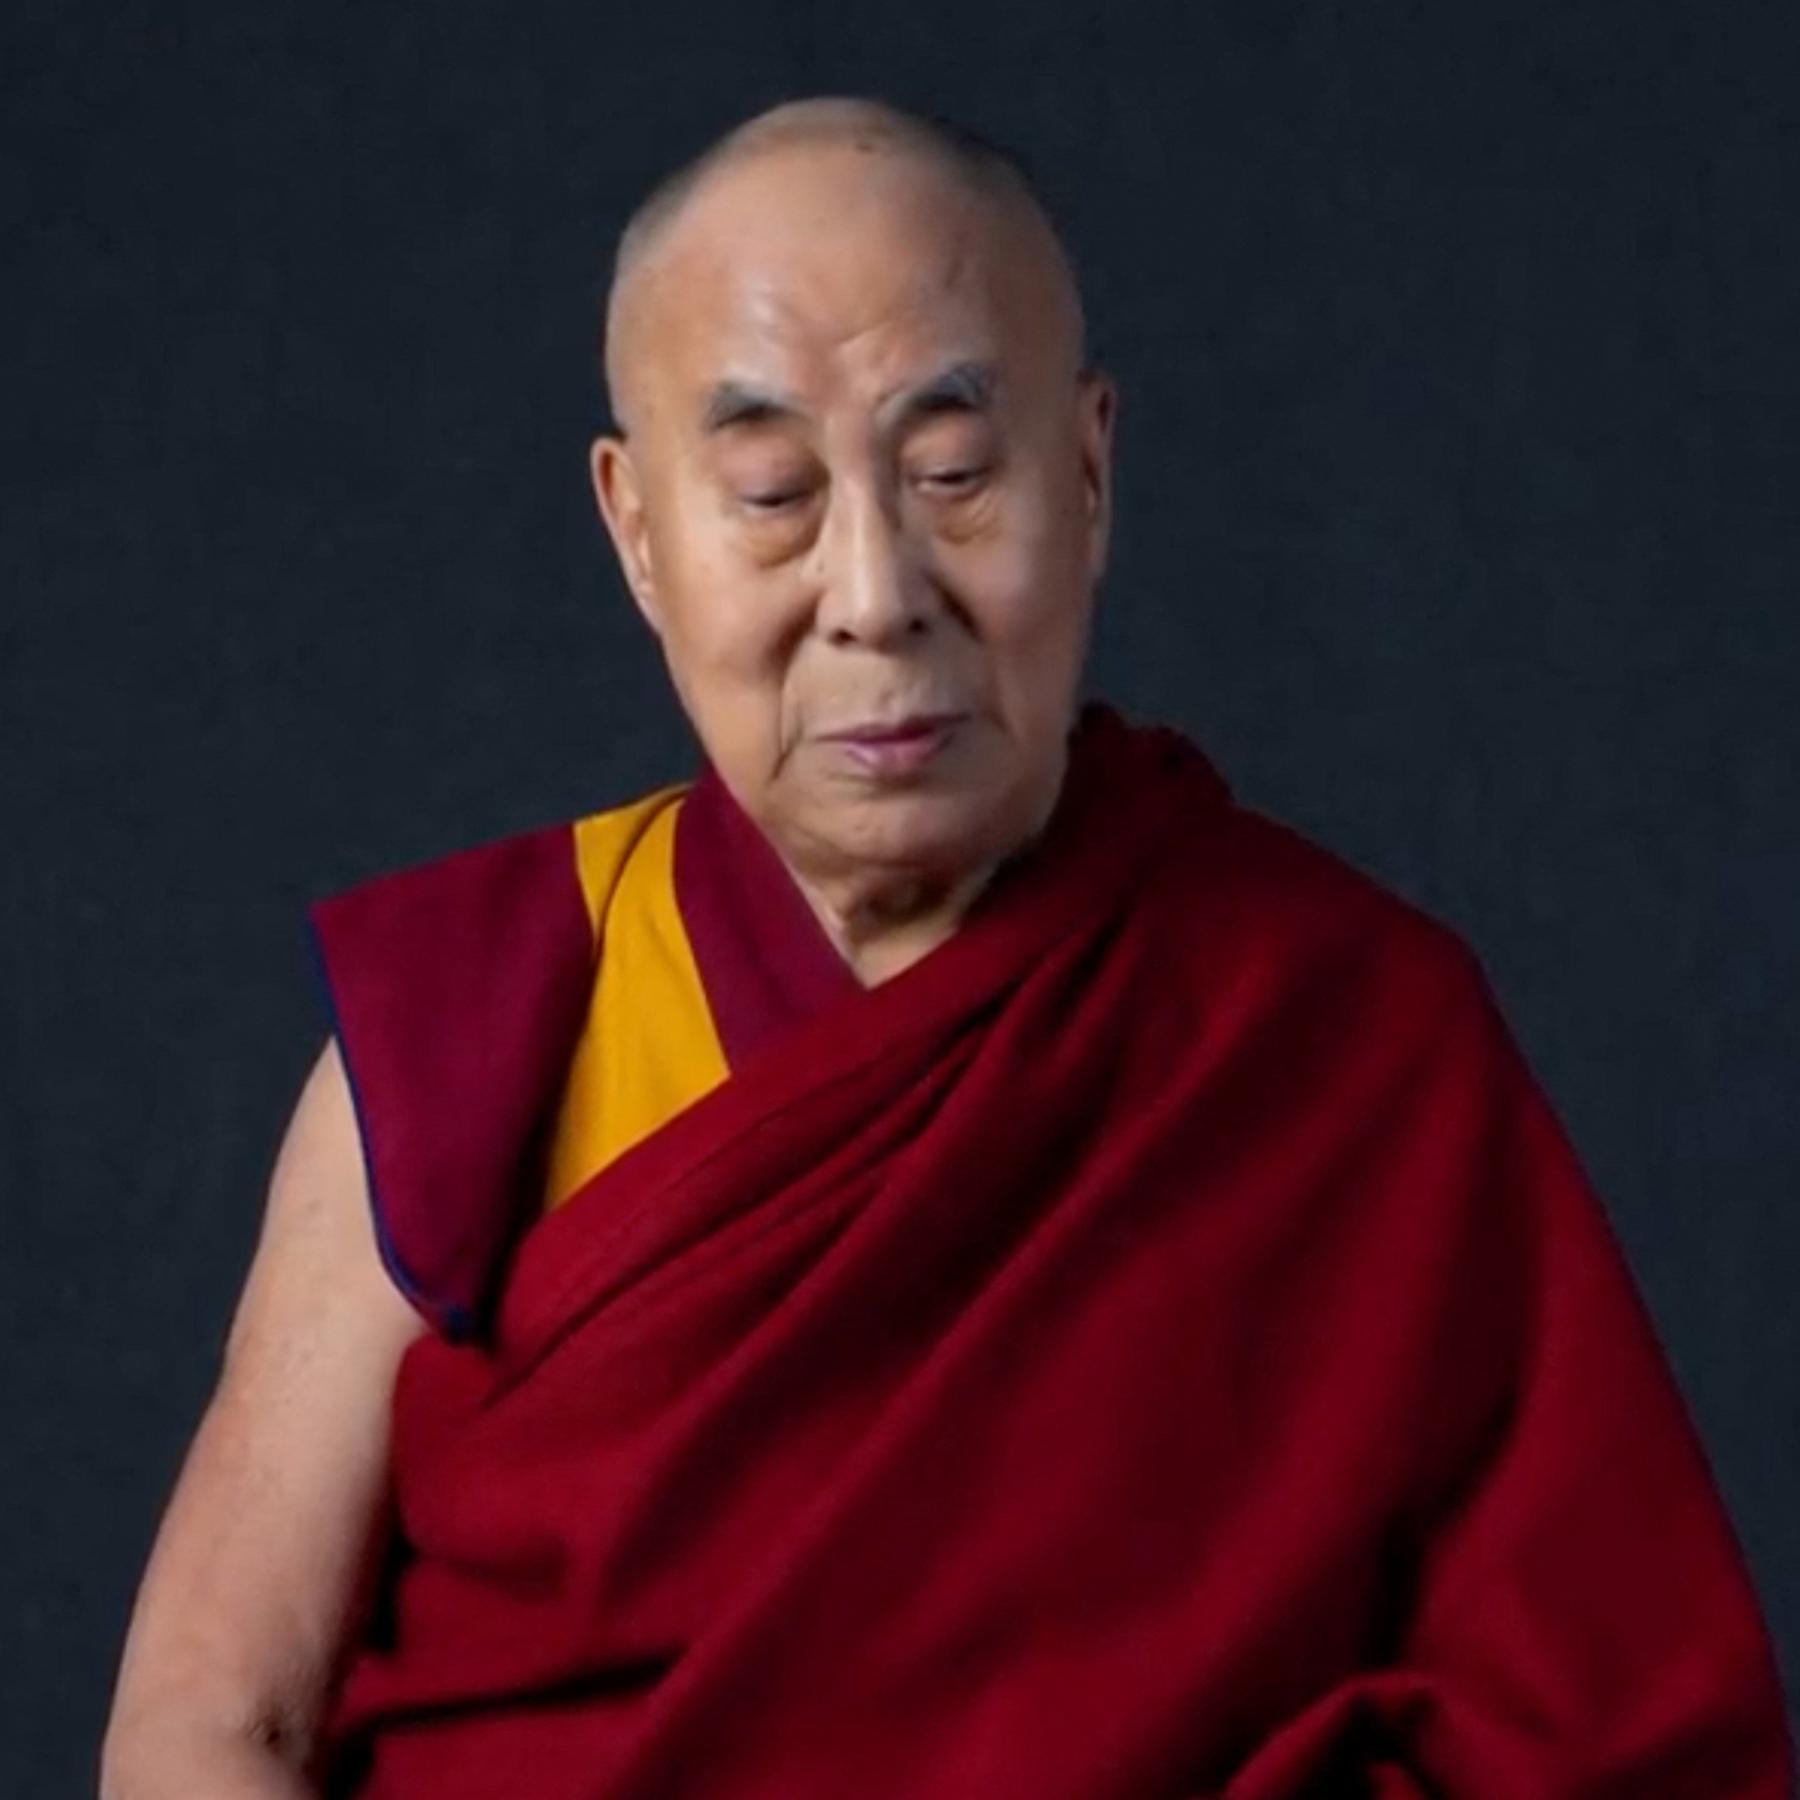 Der 14. Dalai Lama - Göttliches Mitgefühl und irdische Politik